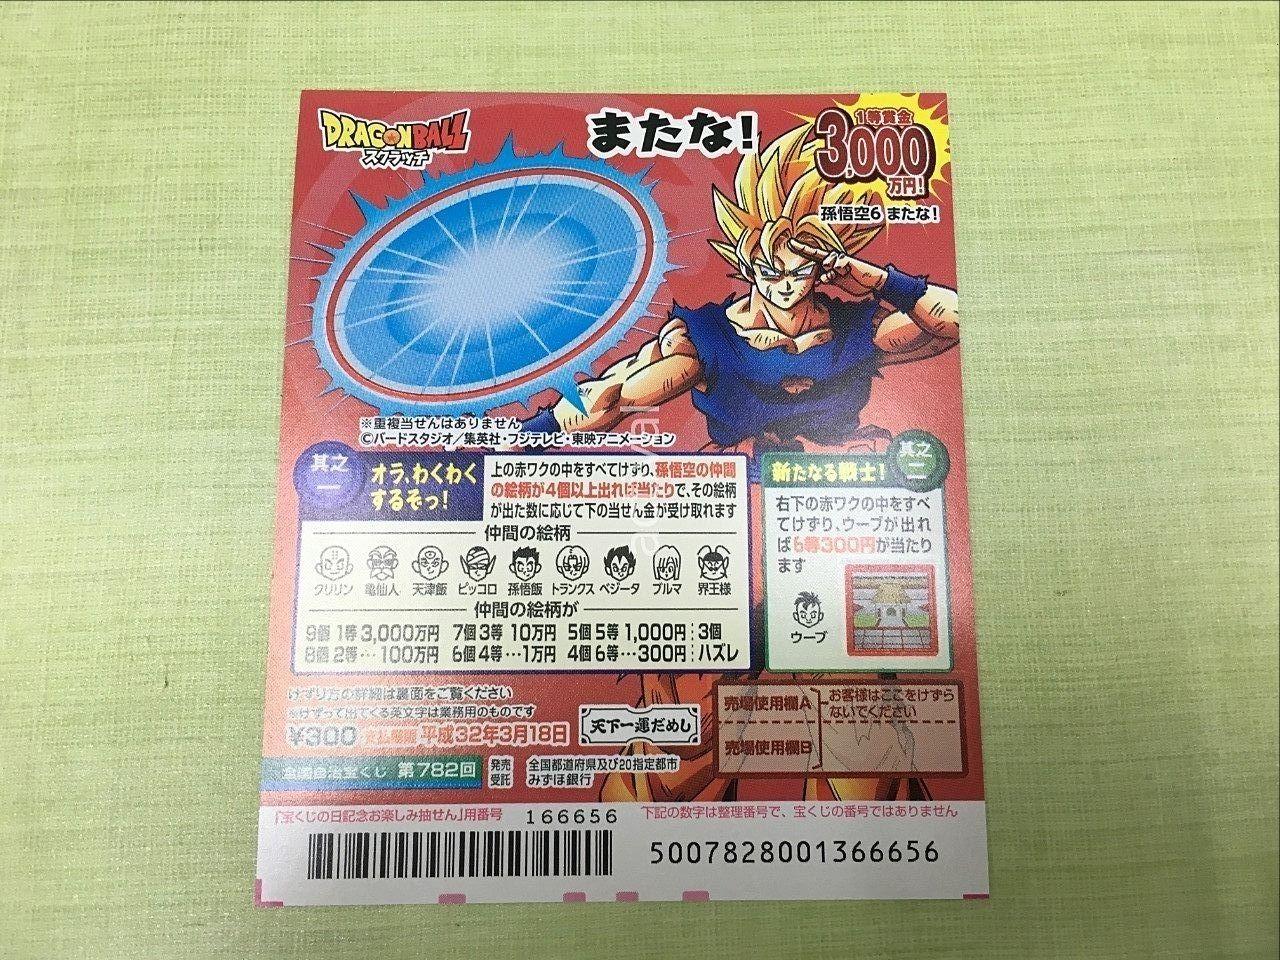 ラッキー宝くじセンターさんで買ったスクラッチです!!